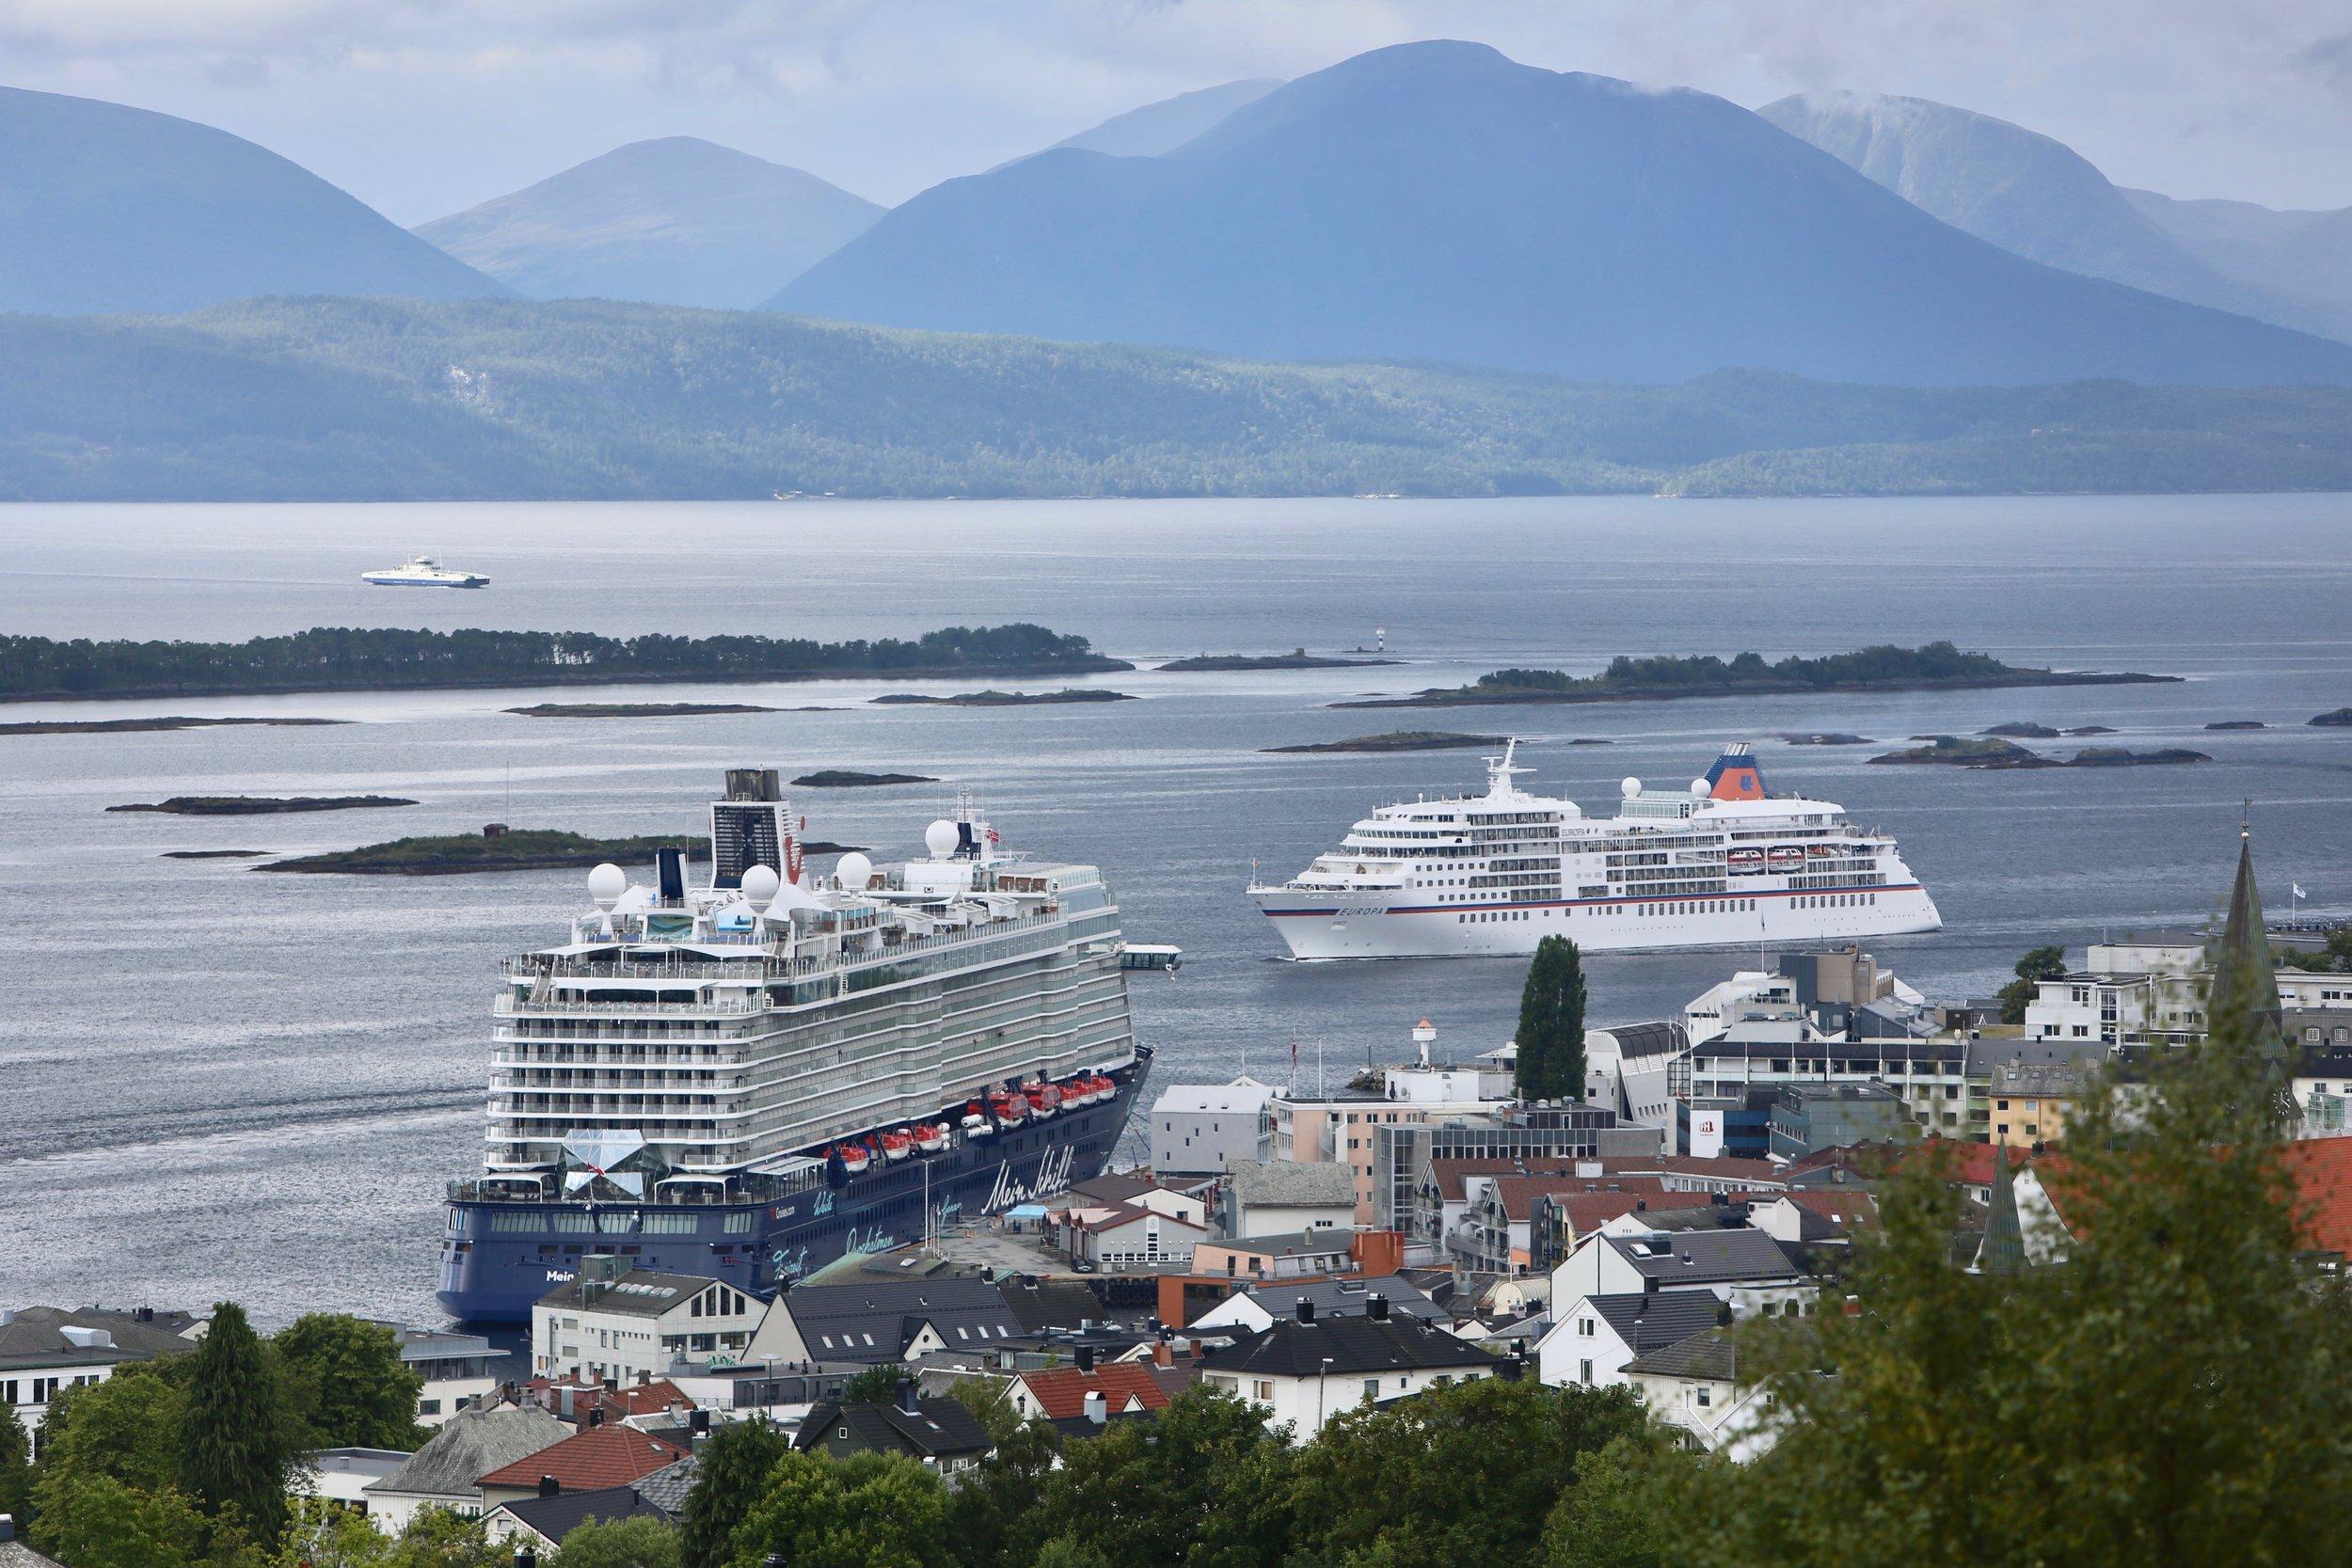 Tålegrensen for skipsstørrelser og -antall er passert for lenge siden mange steder langs kysten. Heldige er de som har havnesjefer som sier stopp før lokalbefolkningen gjør det. Foto: Odd Roar Lange